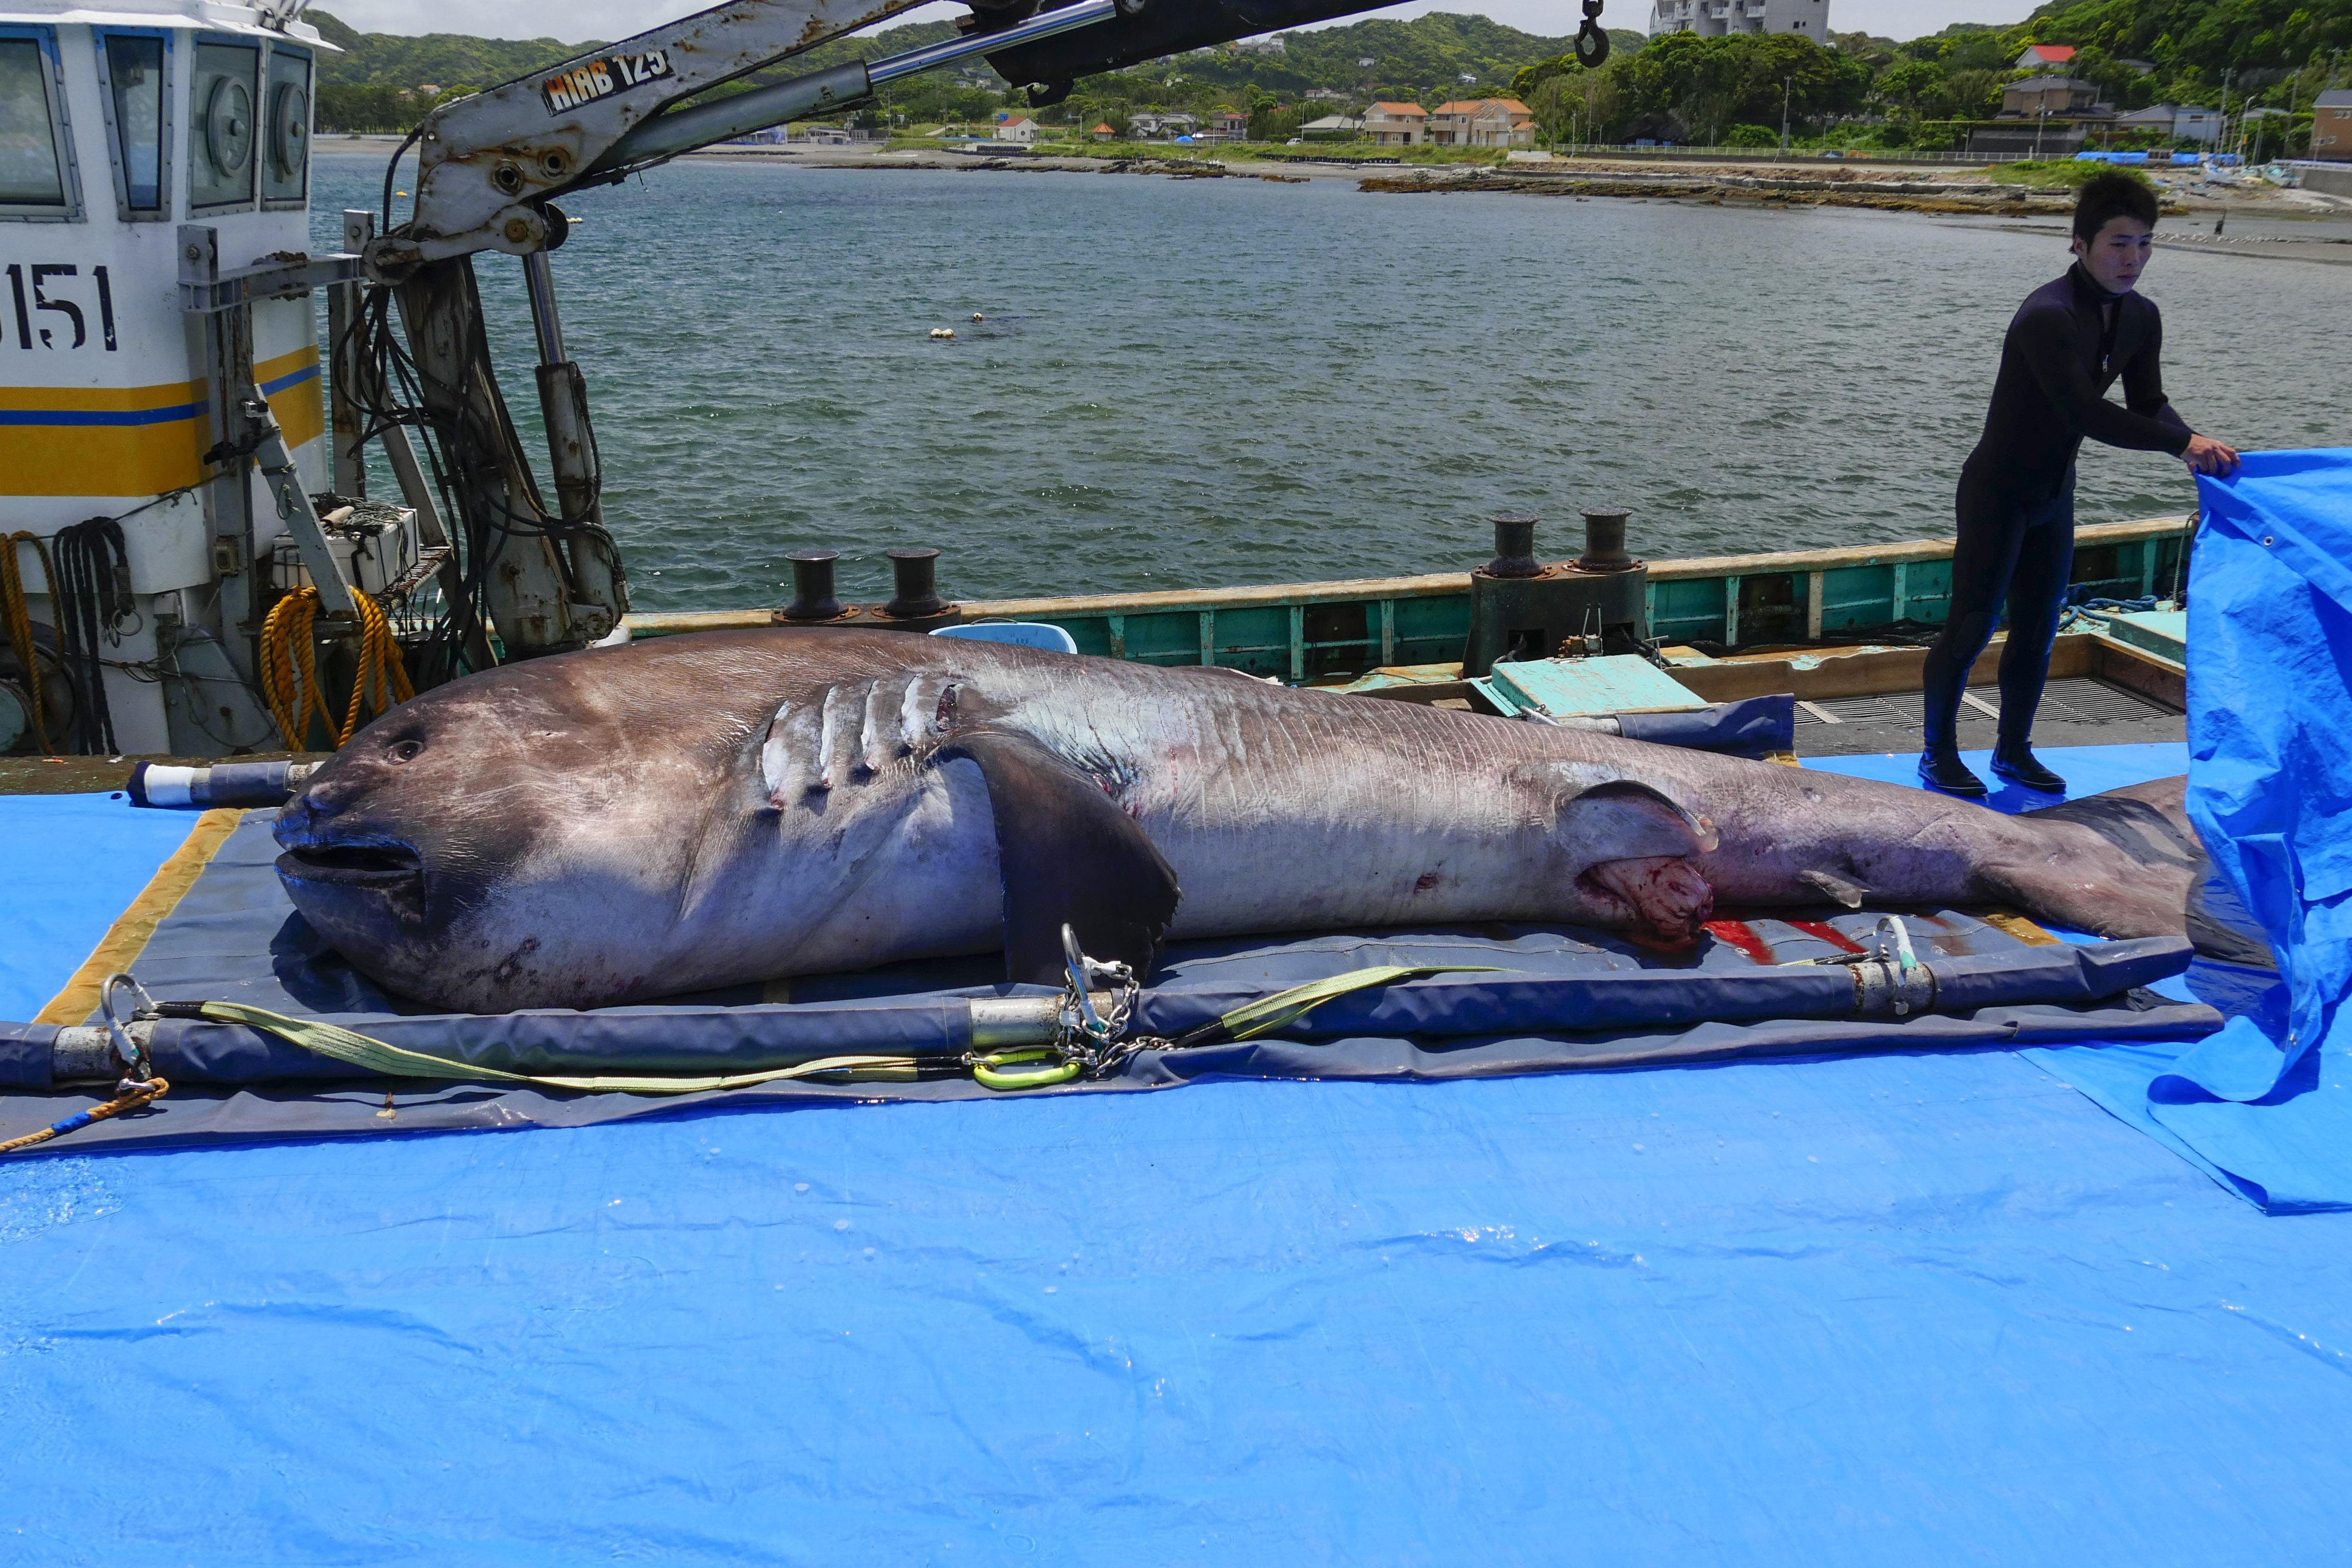 2017年5月に館山市洲崎沖の定置網に入っていた個体(全長約5.4m、体重1.2t、メス)が息絶え、今回の標本に